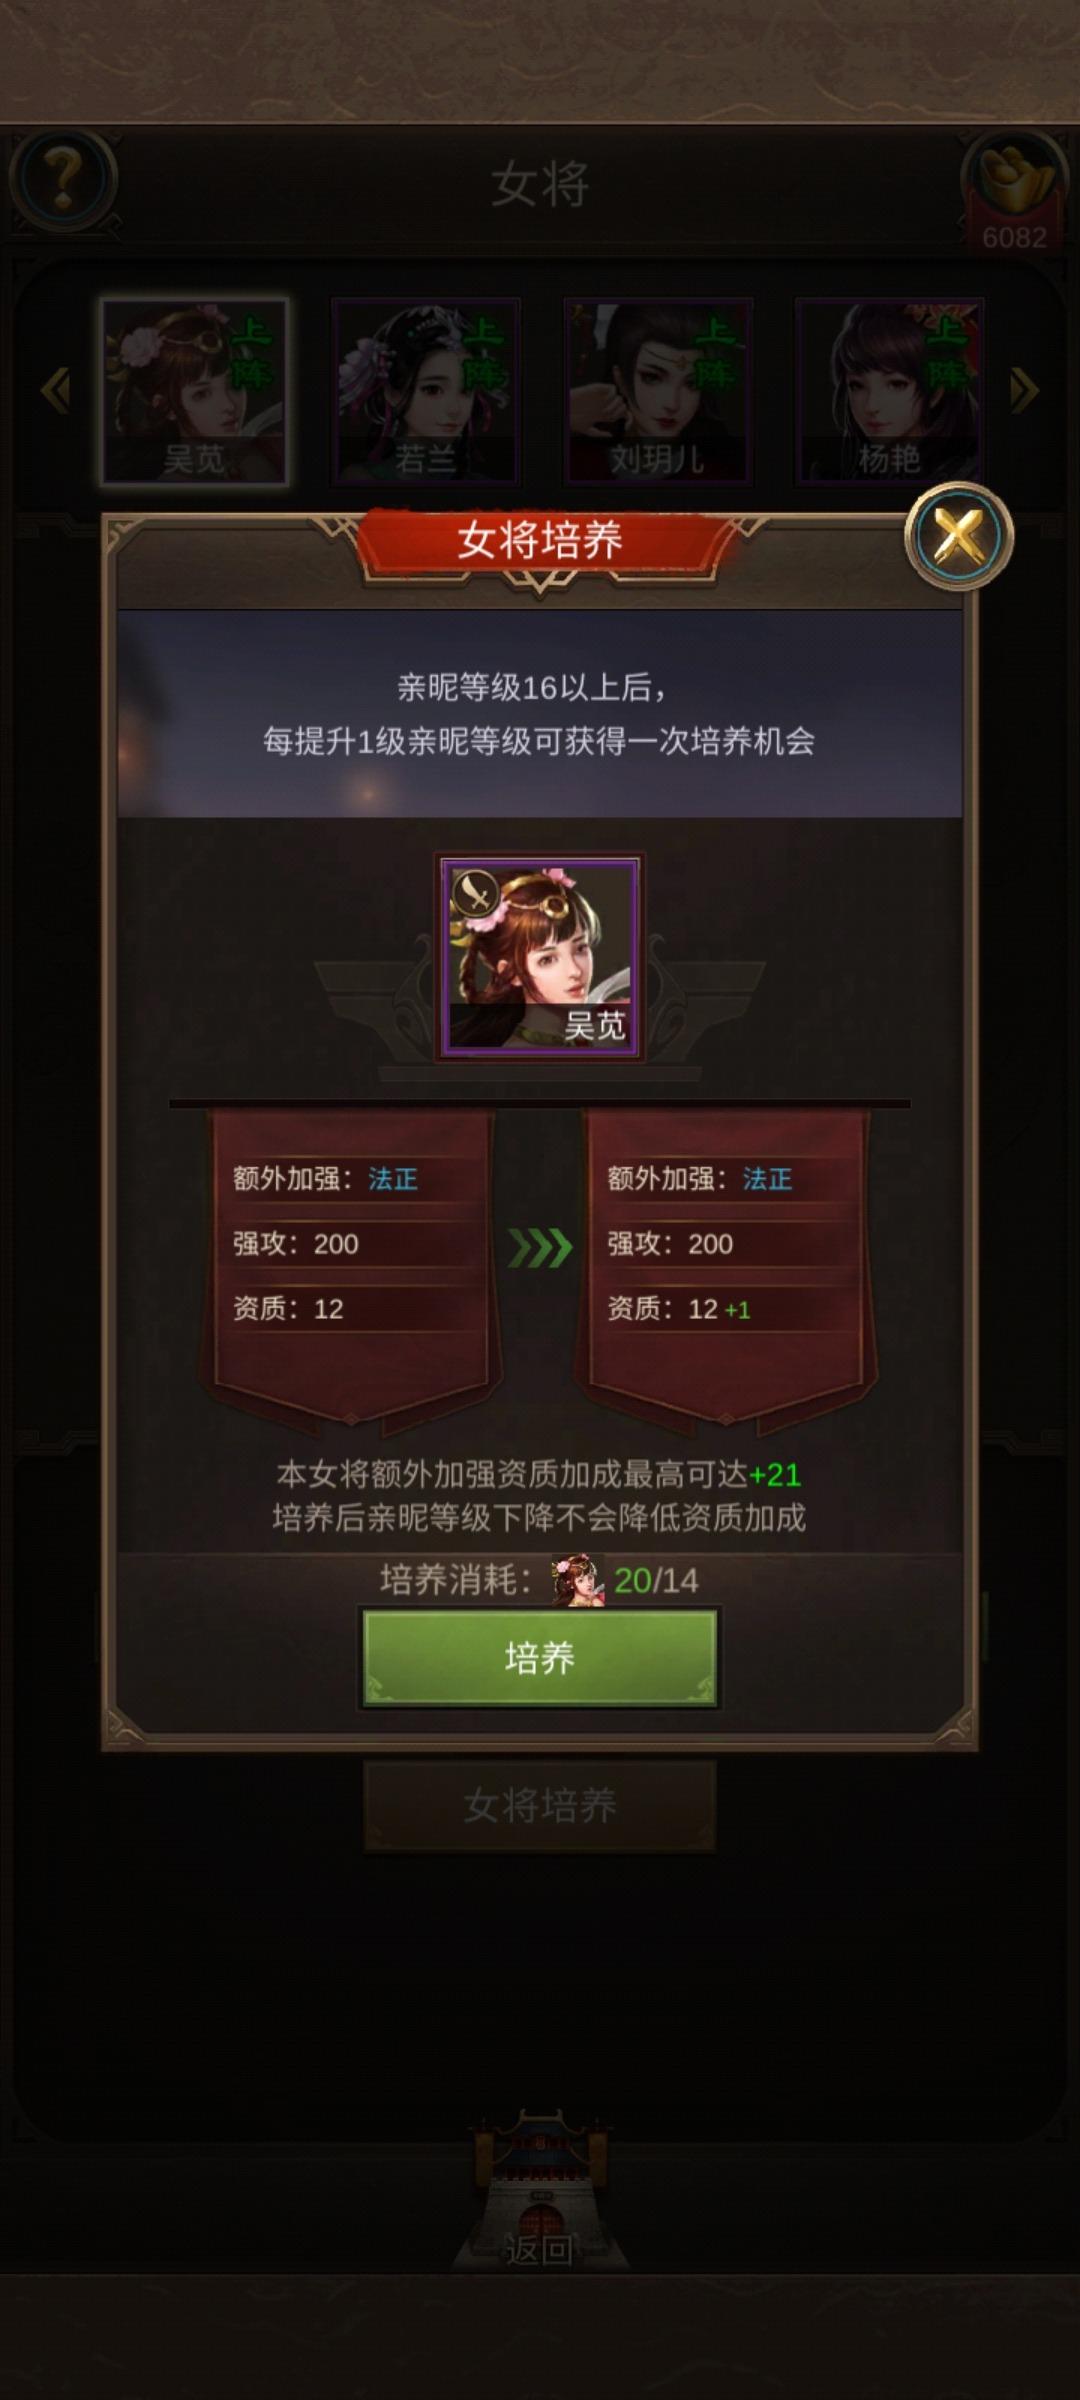 Screenshot_20210127_102440_juedi.tatuyin.rxsg.huawei.jpg